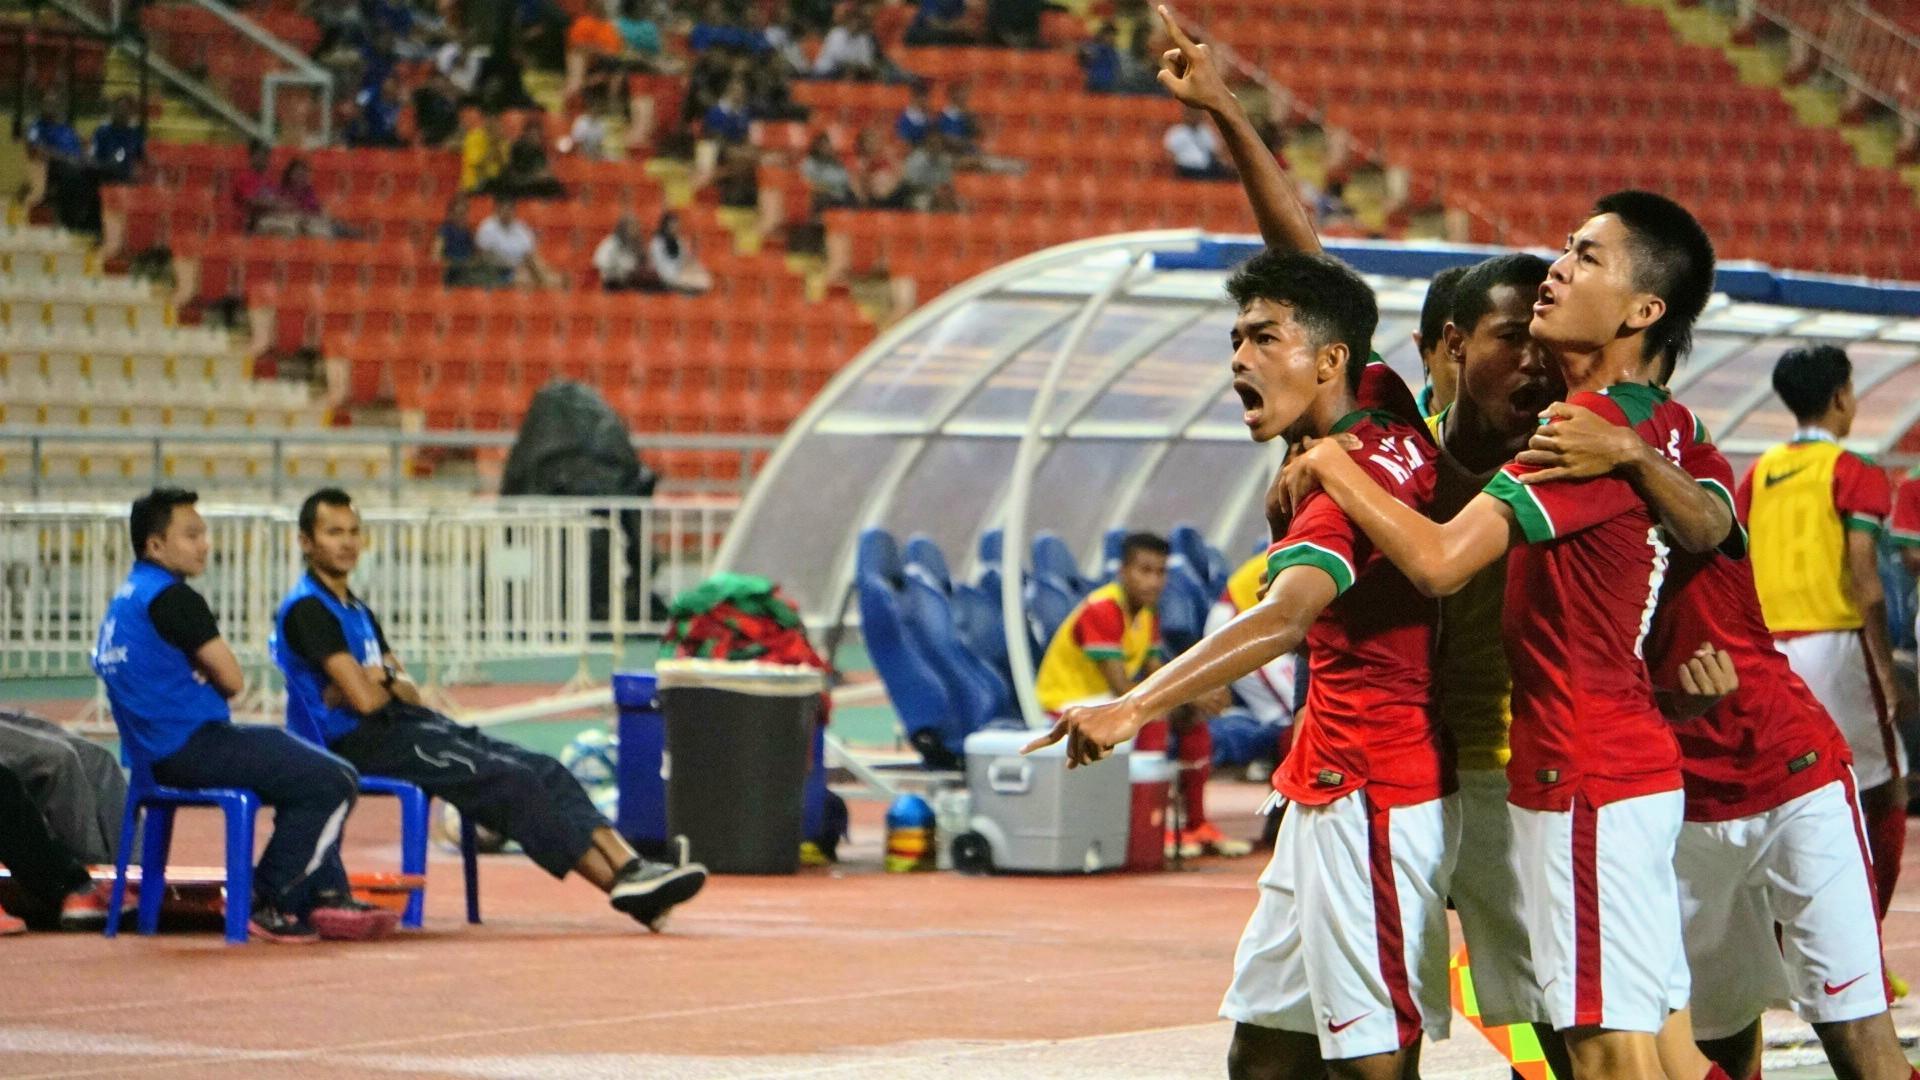 Di semifinal, Indonesia akan Hadapi Tuan Rumah Jepang Usai Menang 22-0 atas Timor Leste